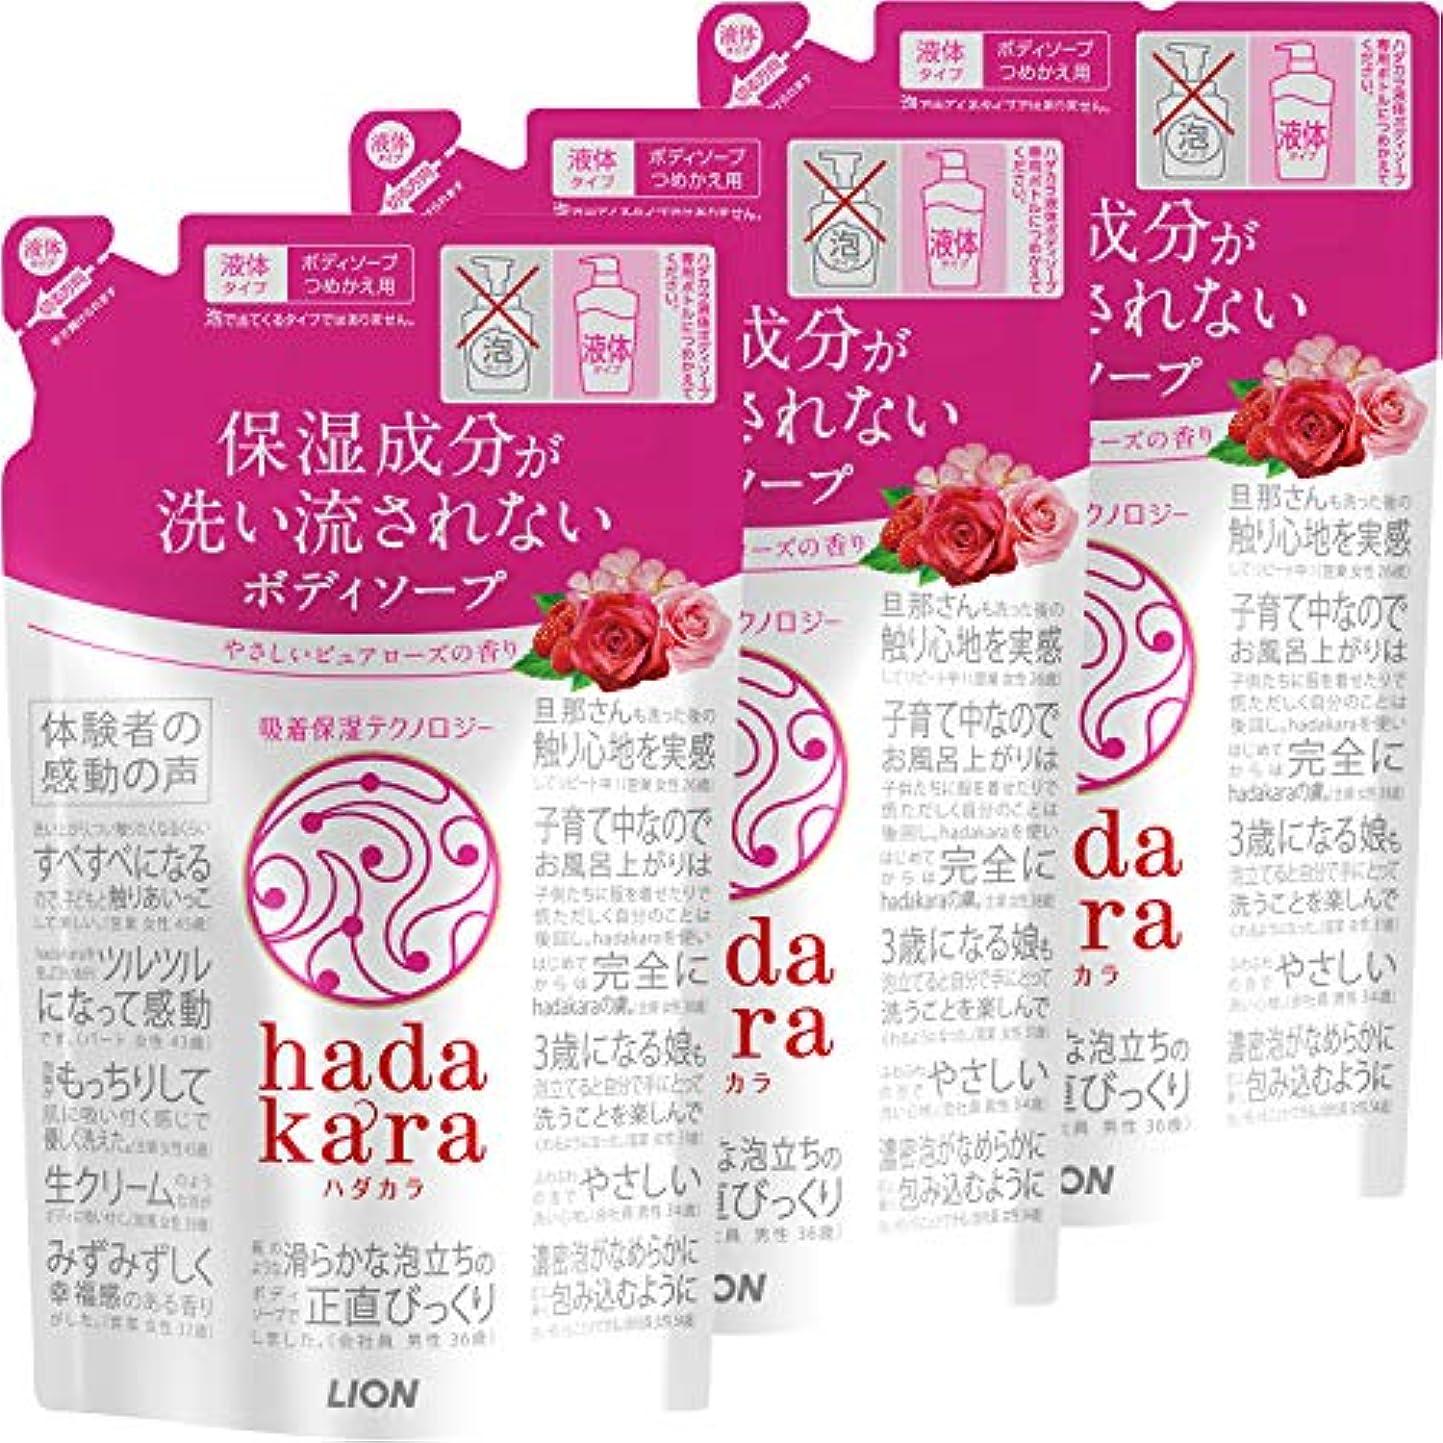 見物人手綱太いhadakara(ハダカラ) ボディソープ ピュアローズの香り つめかえ360ml×3個 詰替え用